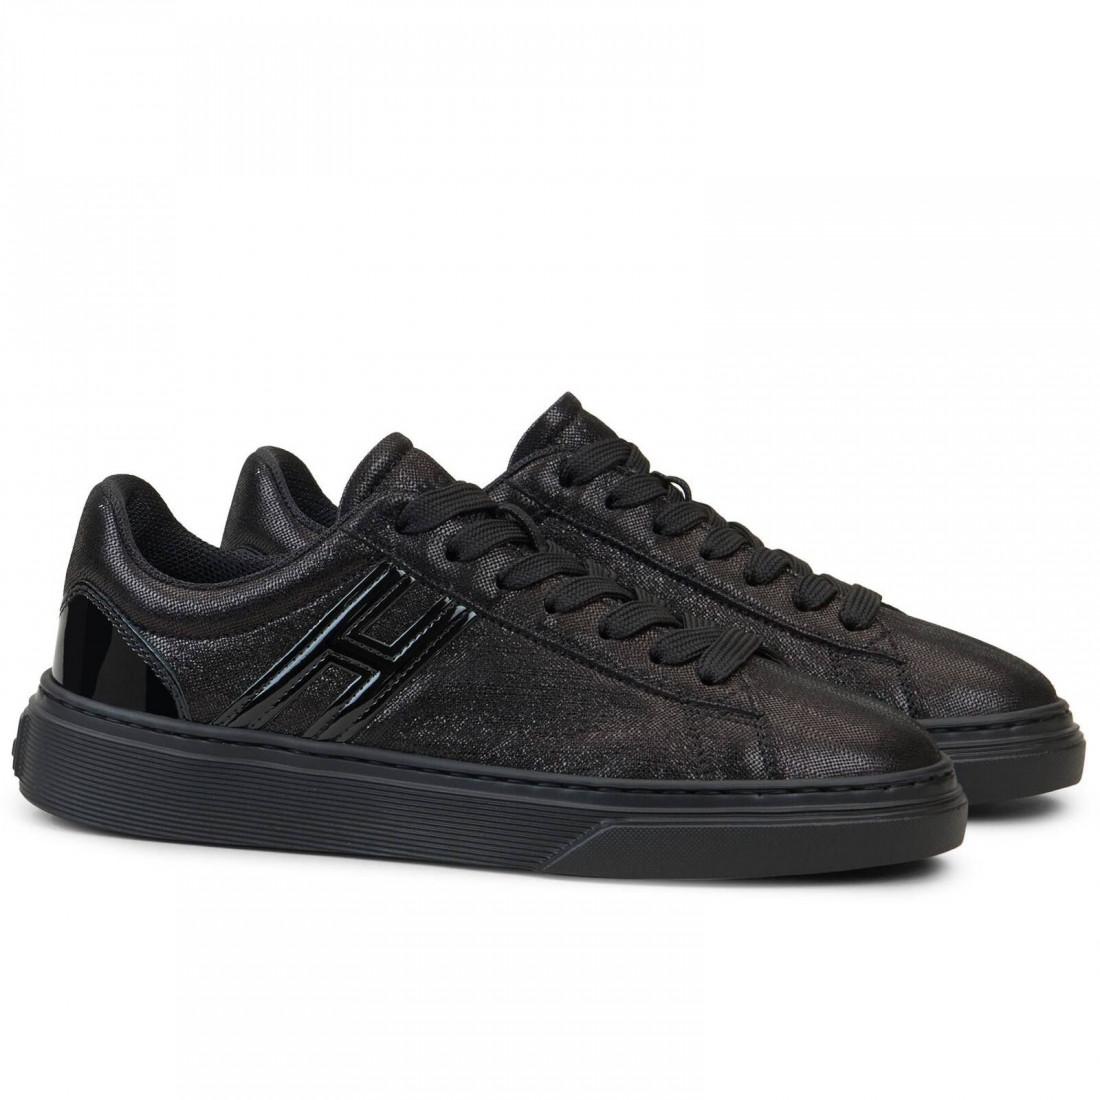 sneakers damen hogan hxw3650j971n58b999 7669